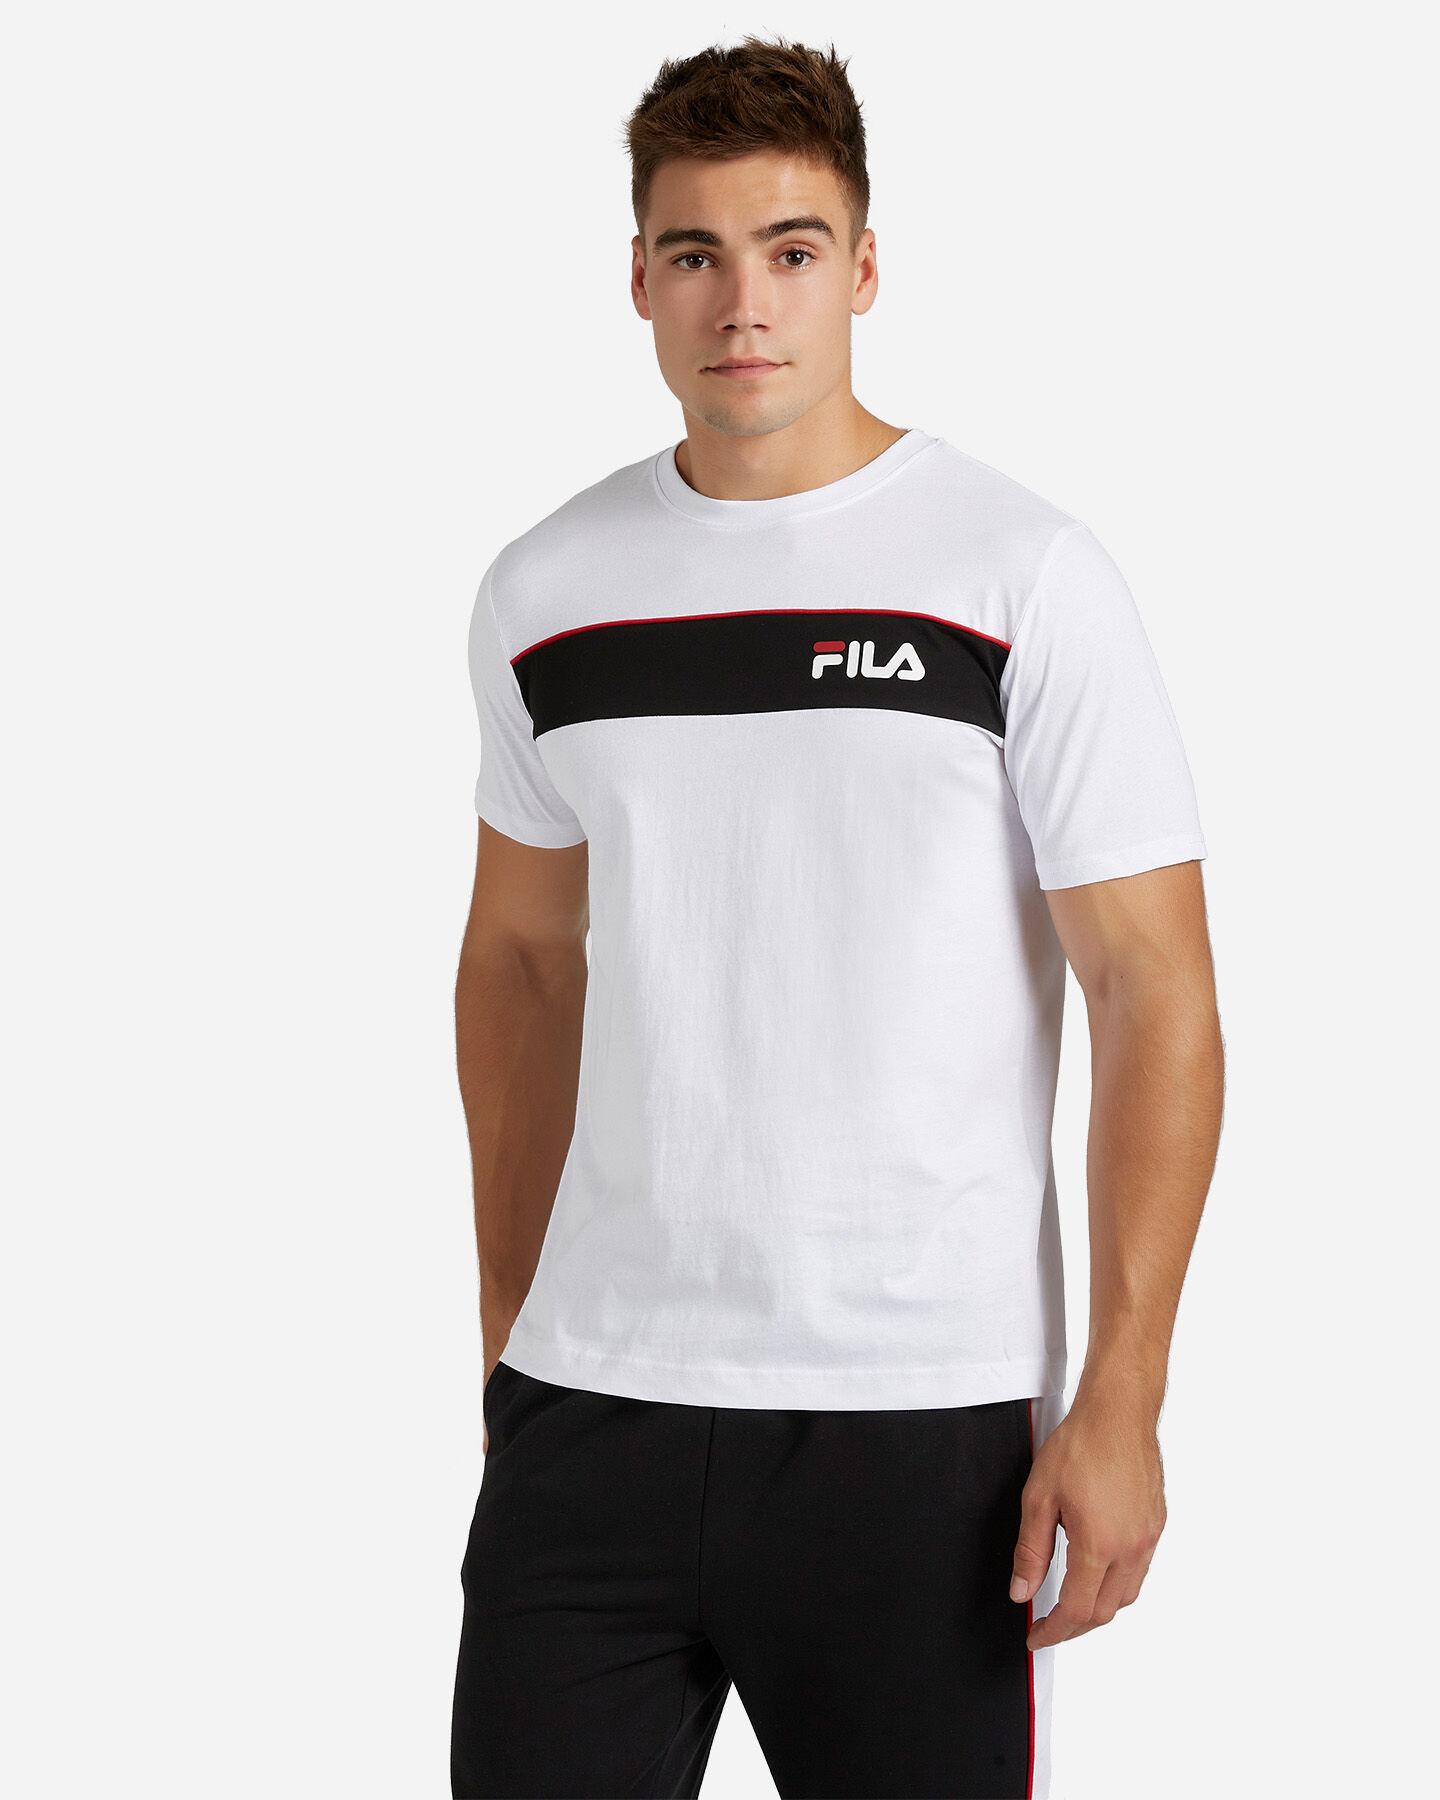 T-Shirt FILA SM LOGO M S4080445 scatto 0